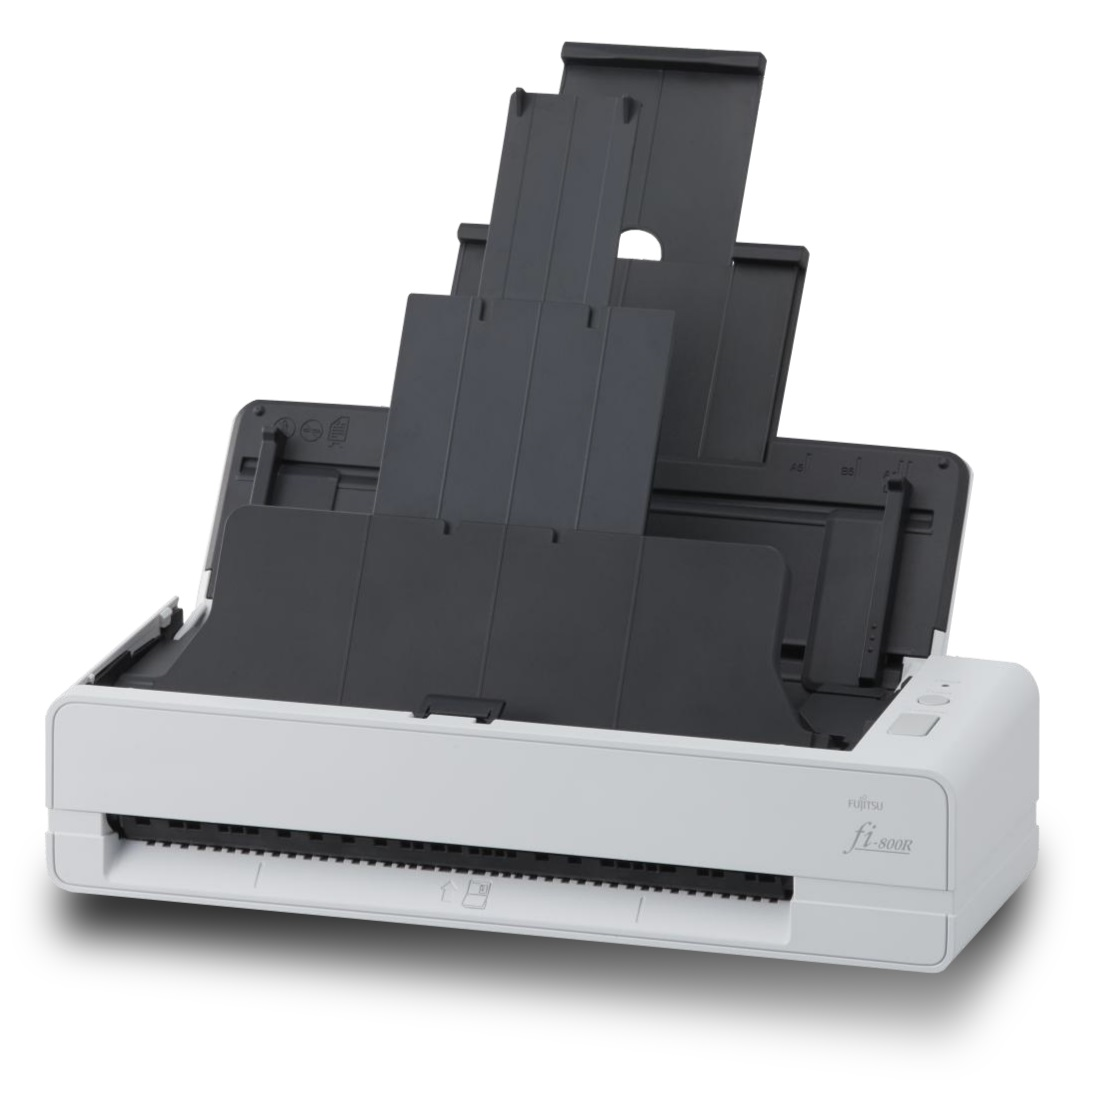 Alstor SDS - Fujitsu fi-800R_lewy_profil_otwarty_podajnik